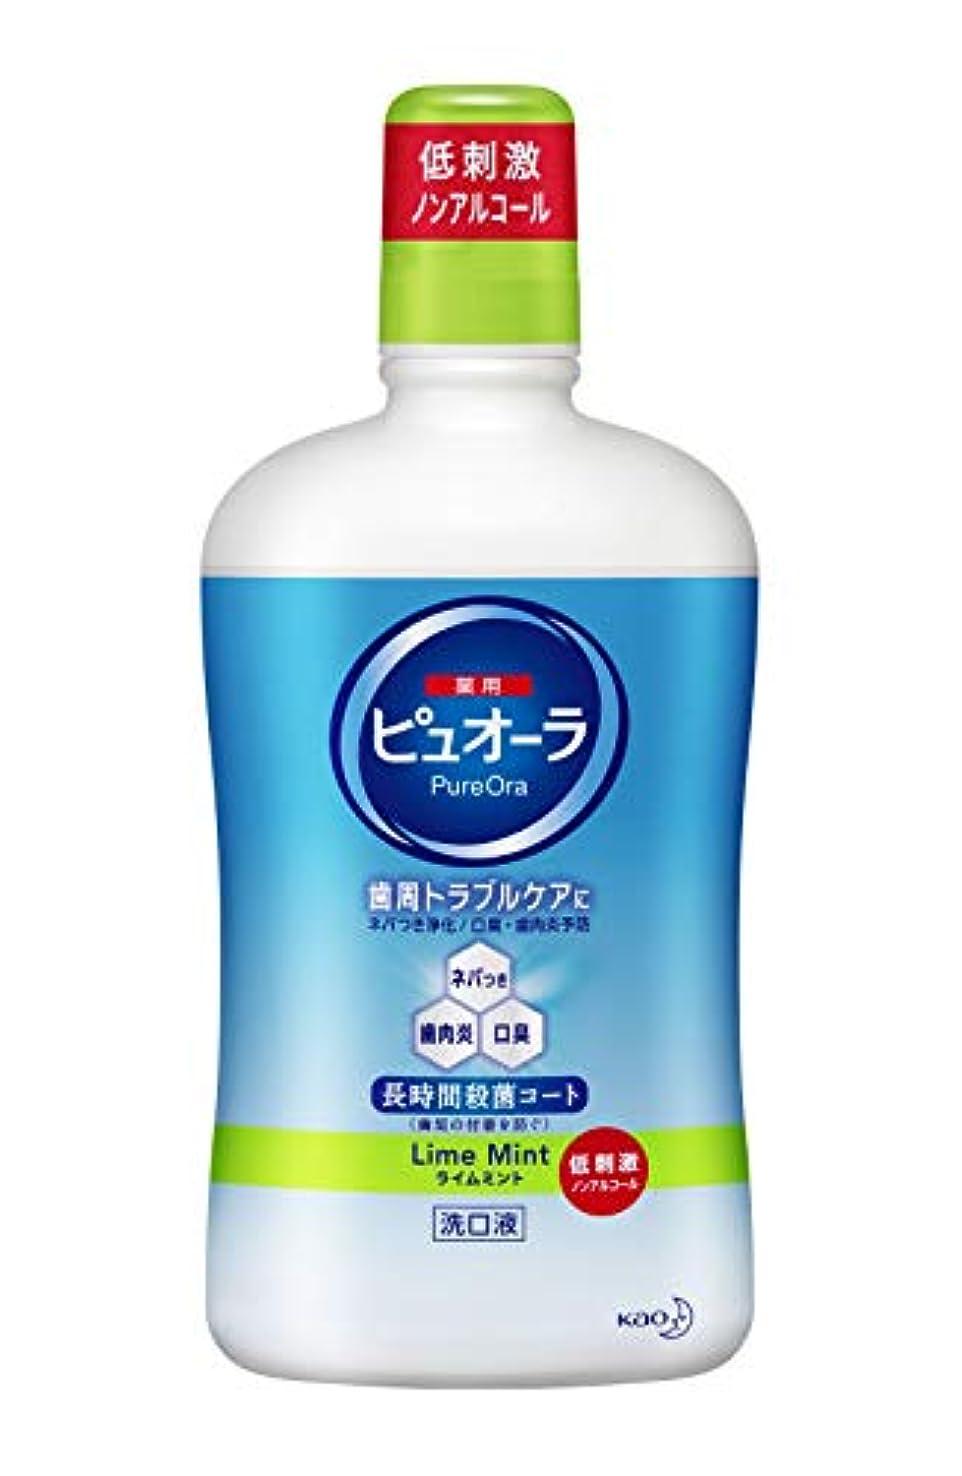 ジレンマ道紛争【大容量】ピュオーラ 洗口液 ライムミント ノンアルコールタイプ 850ml